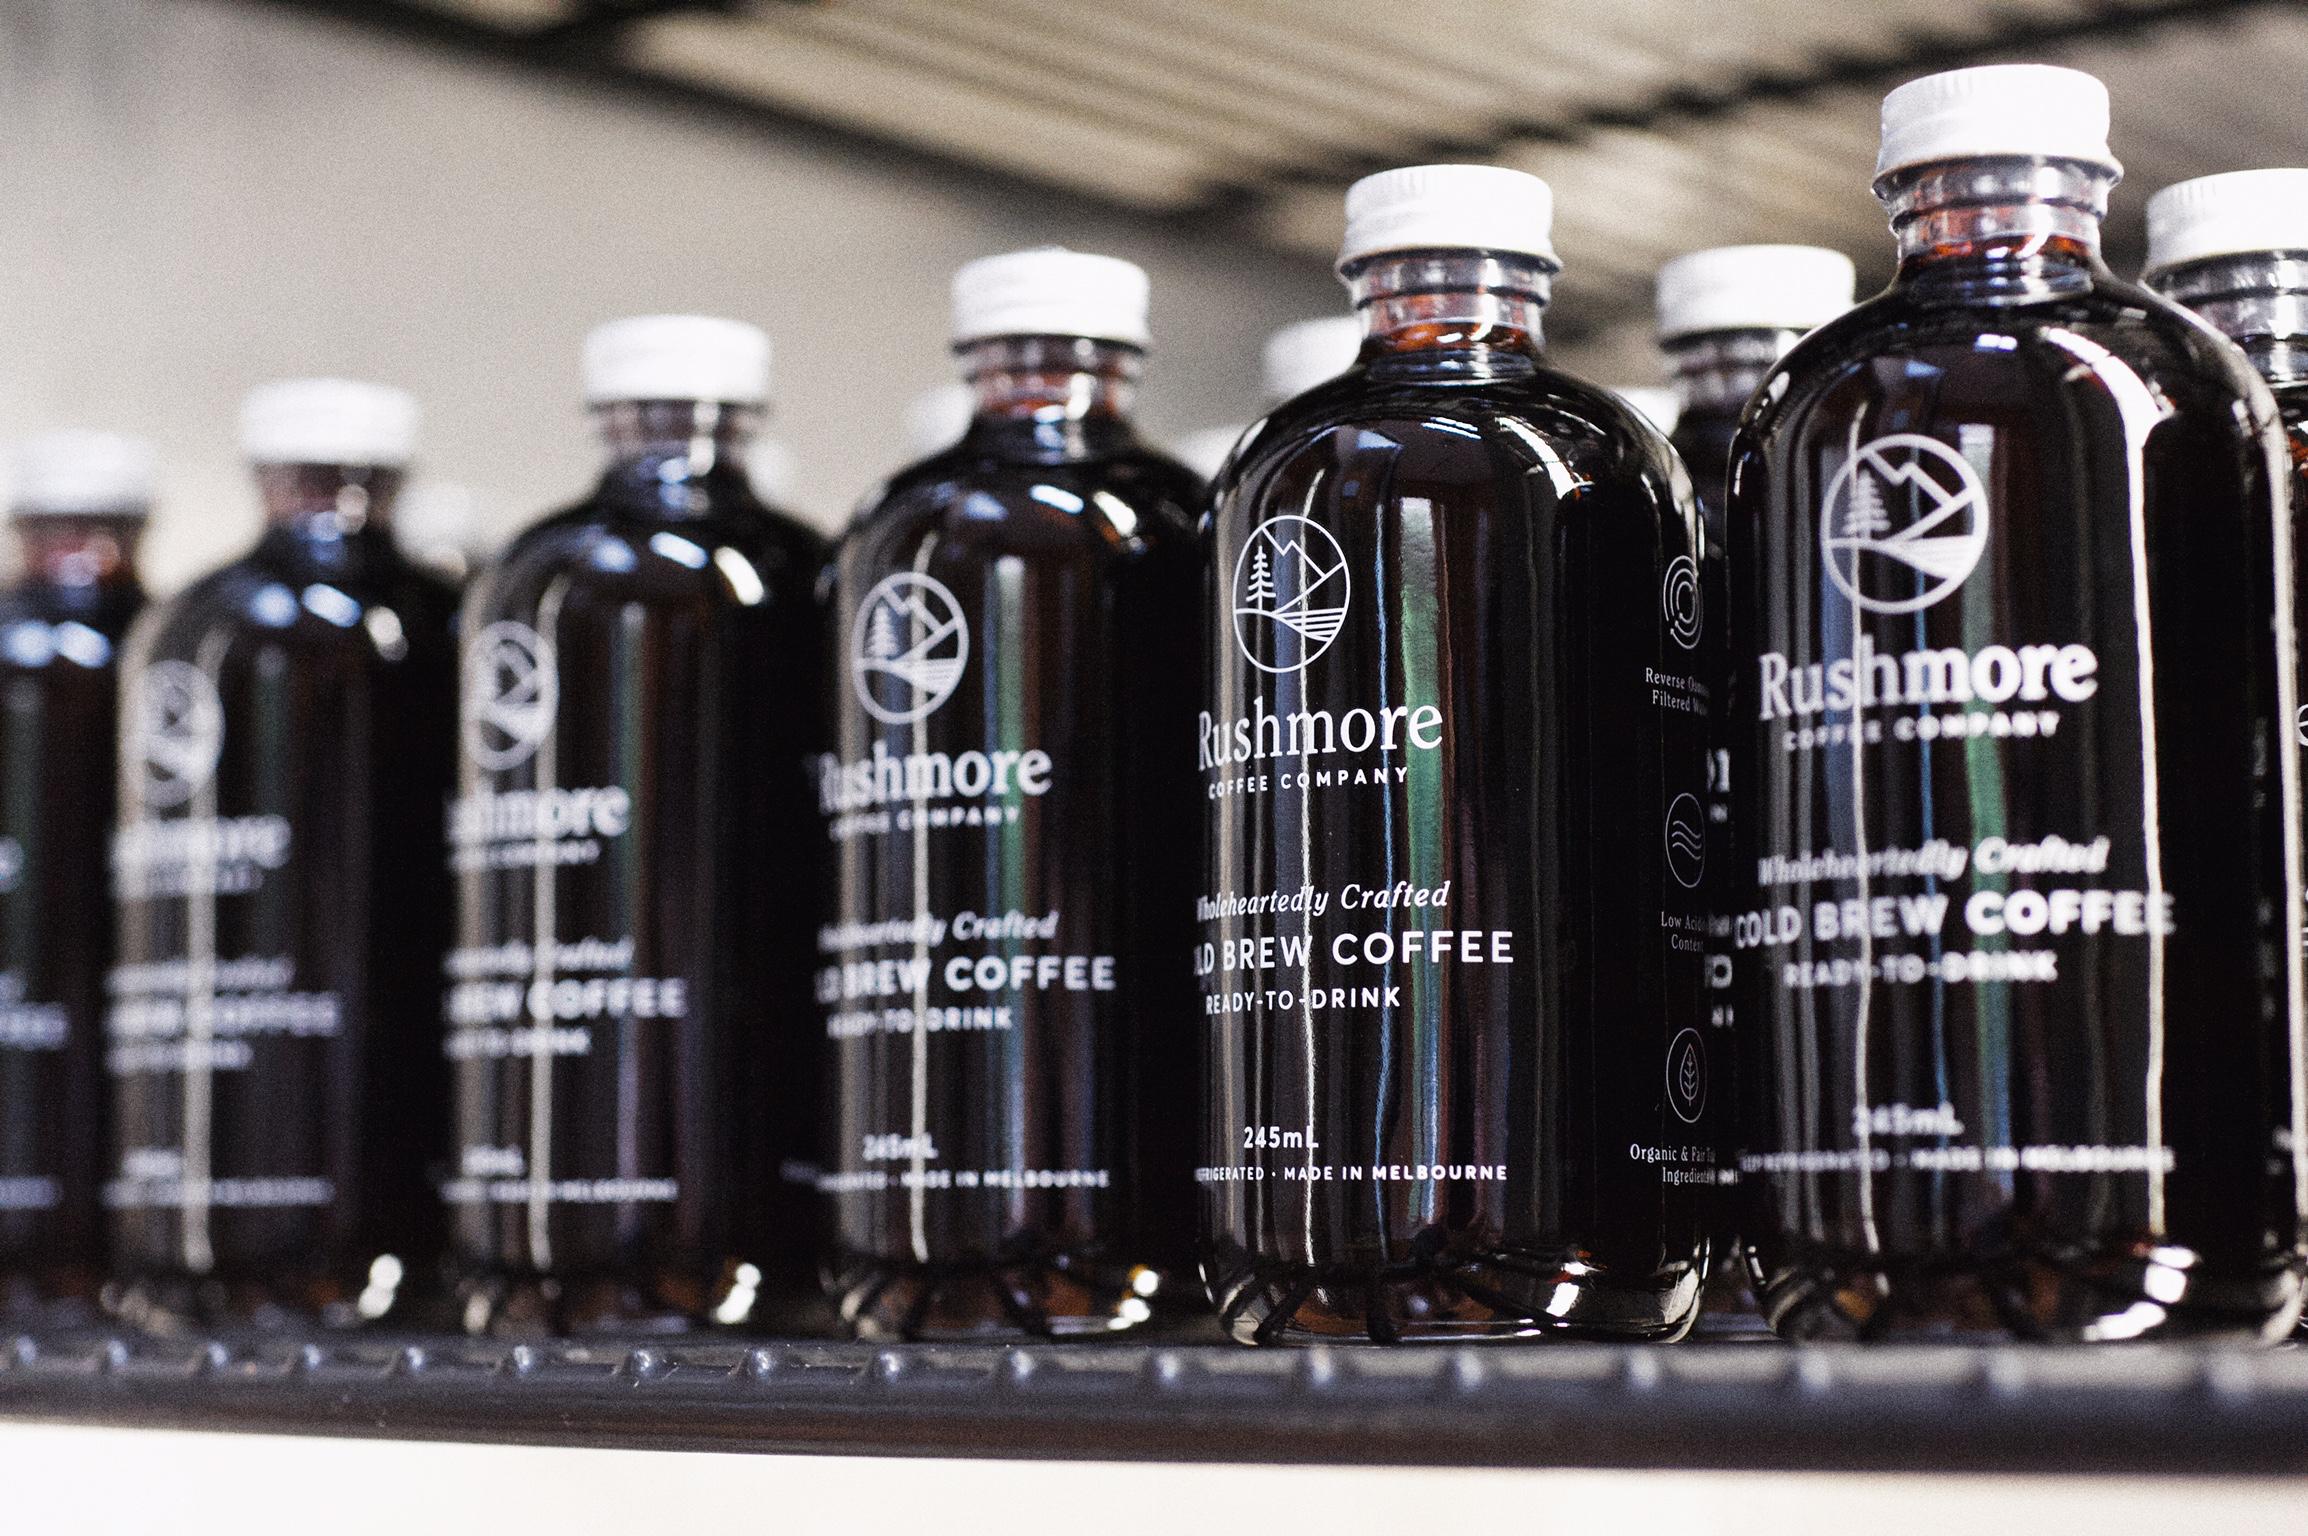 Rushmore Coffee